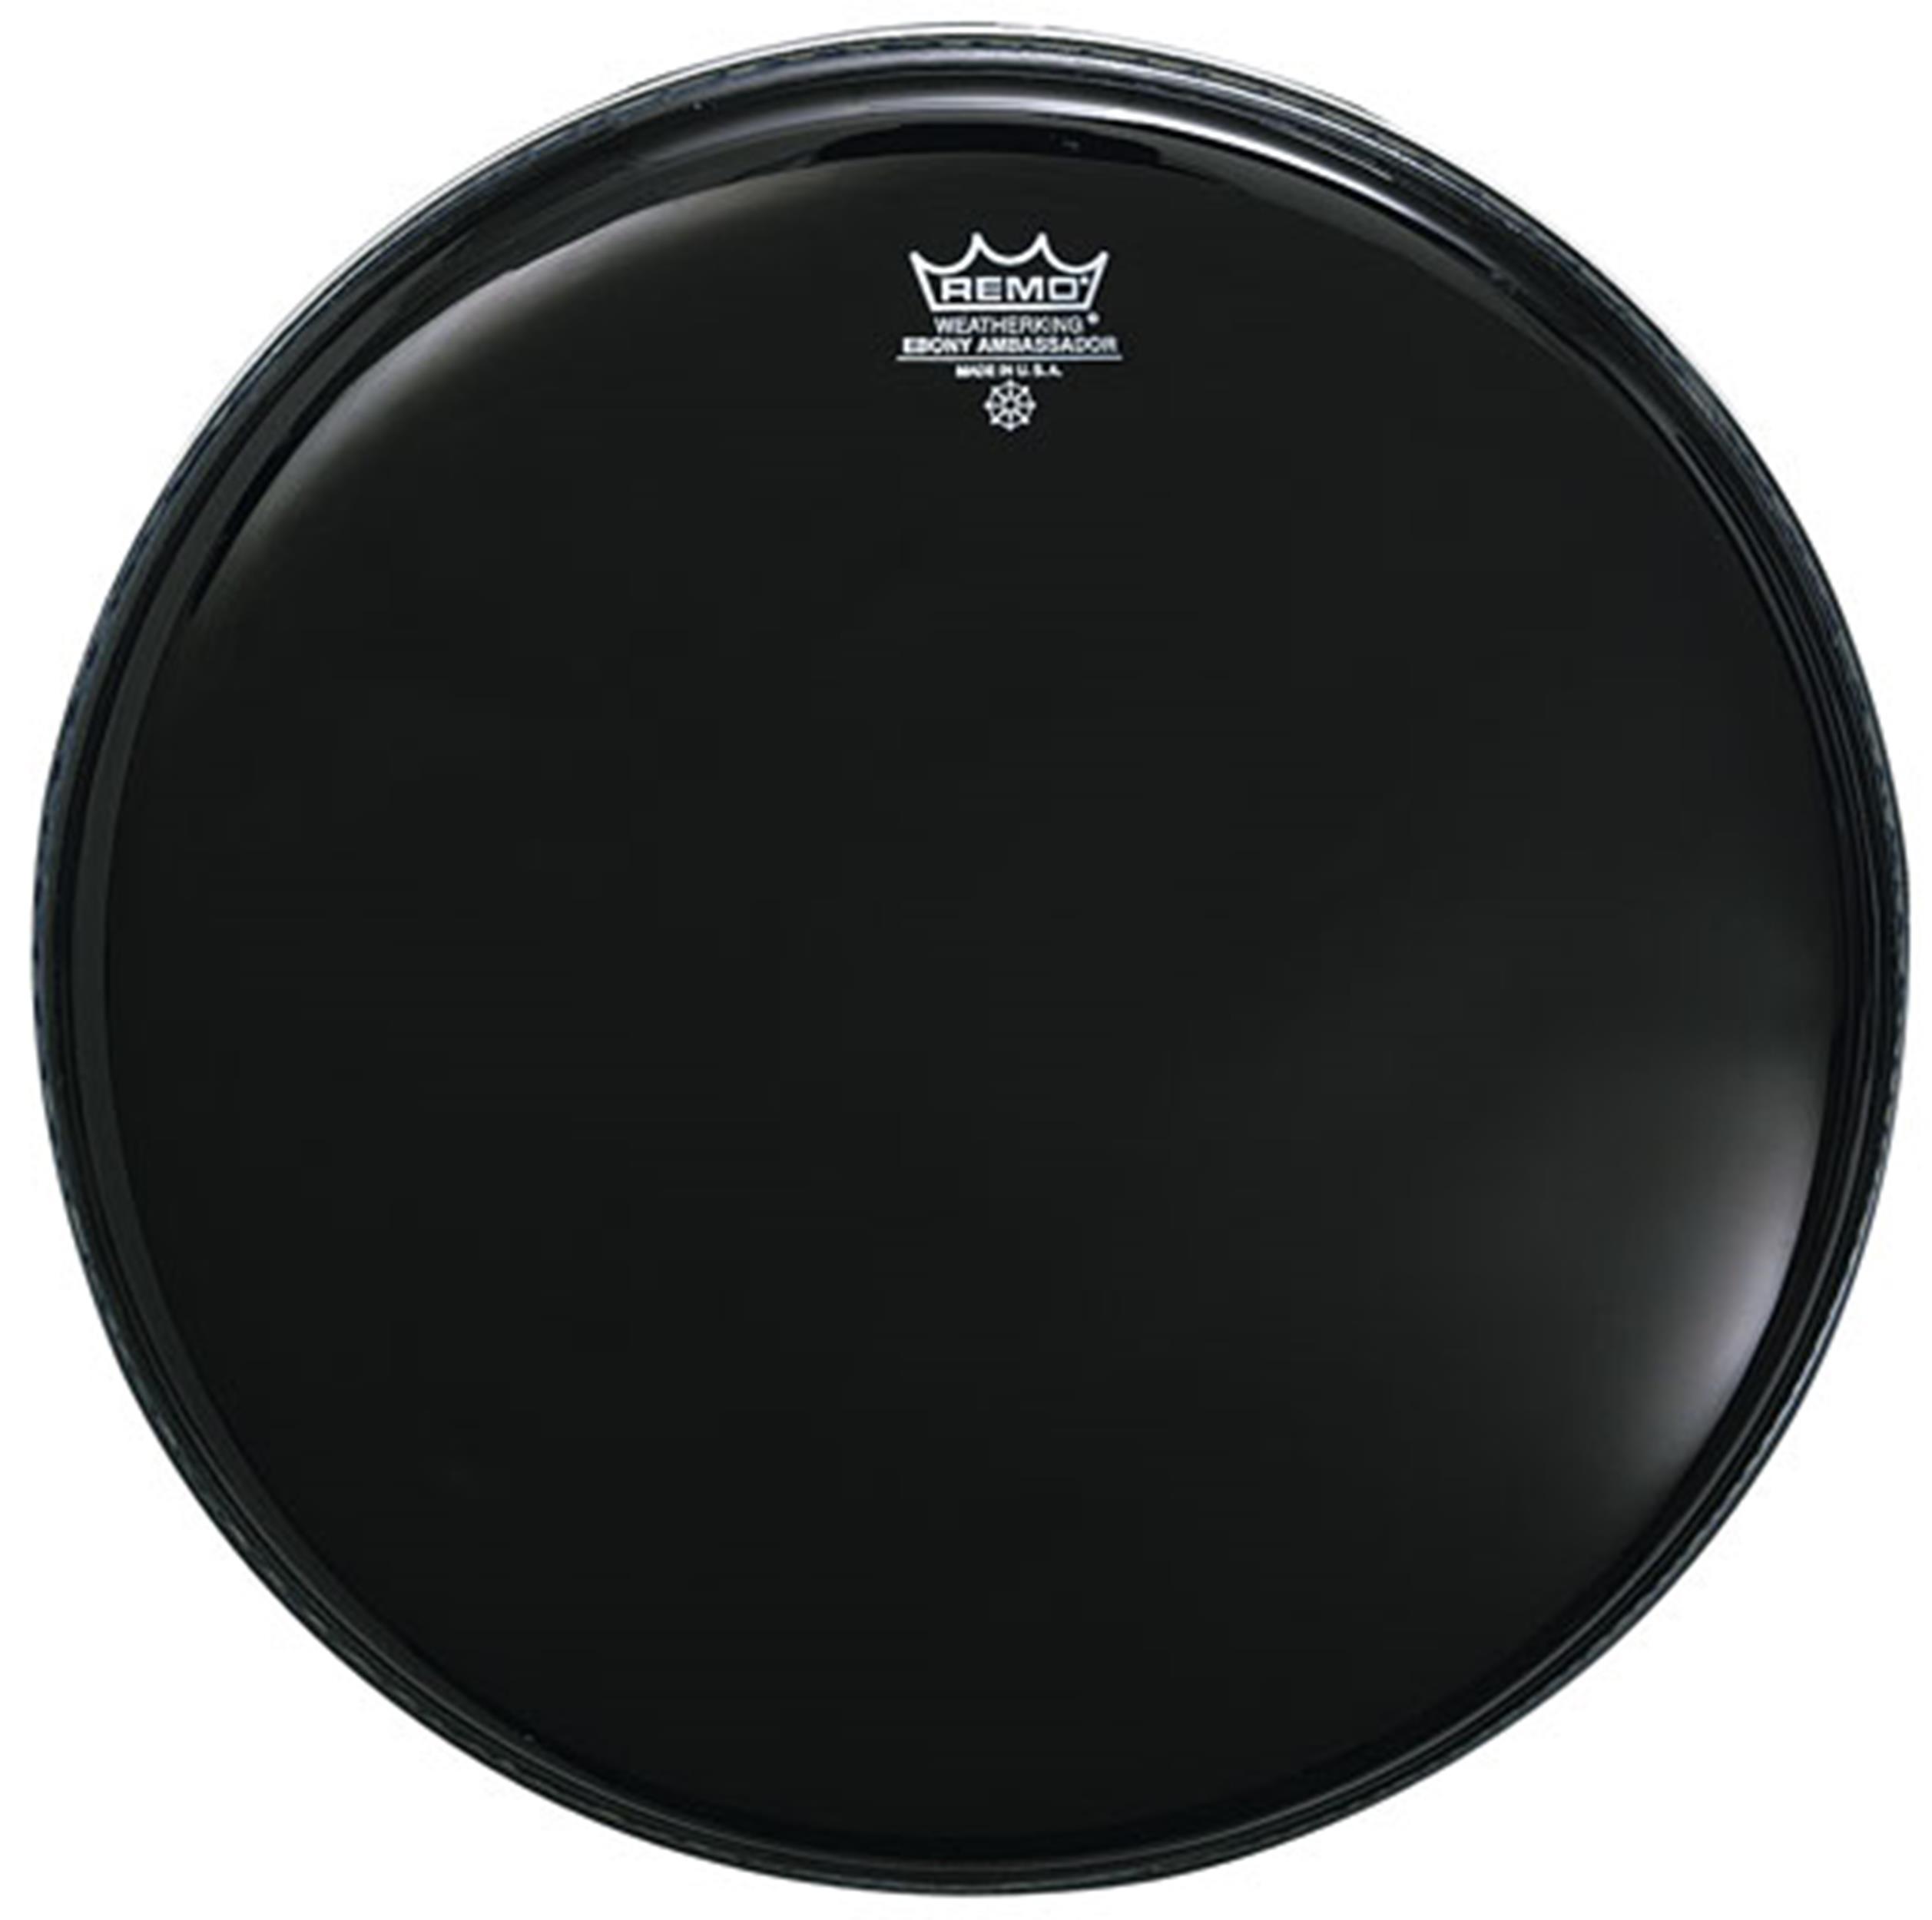 REMO AMBASSADOR W.K. WEATHER KING NERA CASSA 24 - Batterie / Percussioni Accessori - Pelli e Cerchi